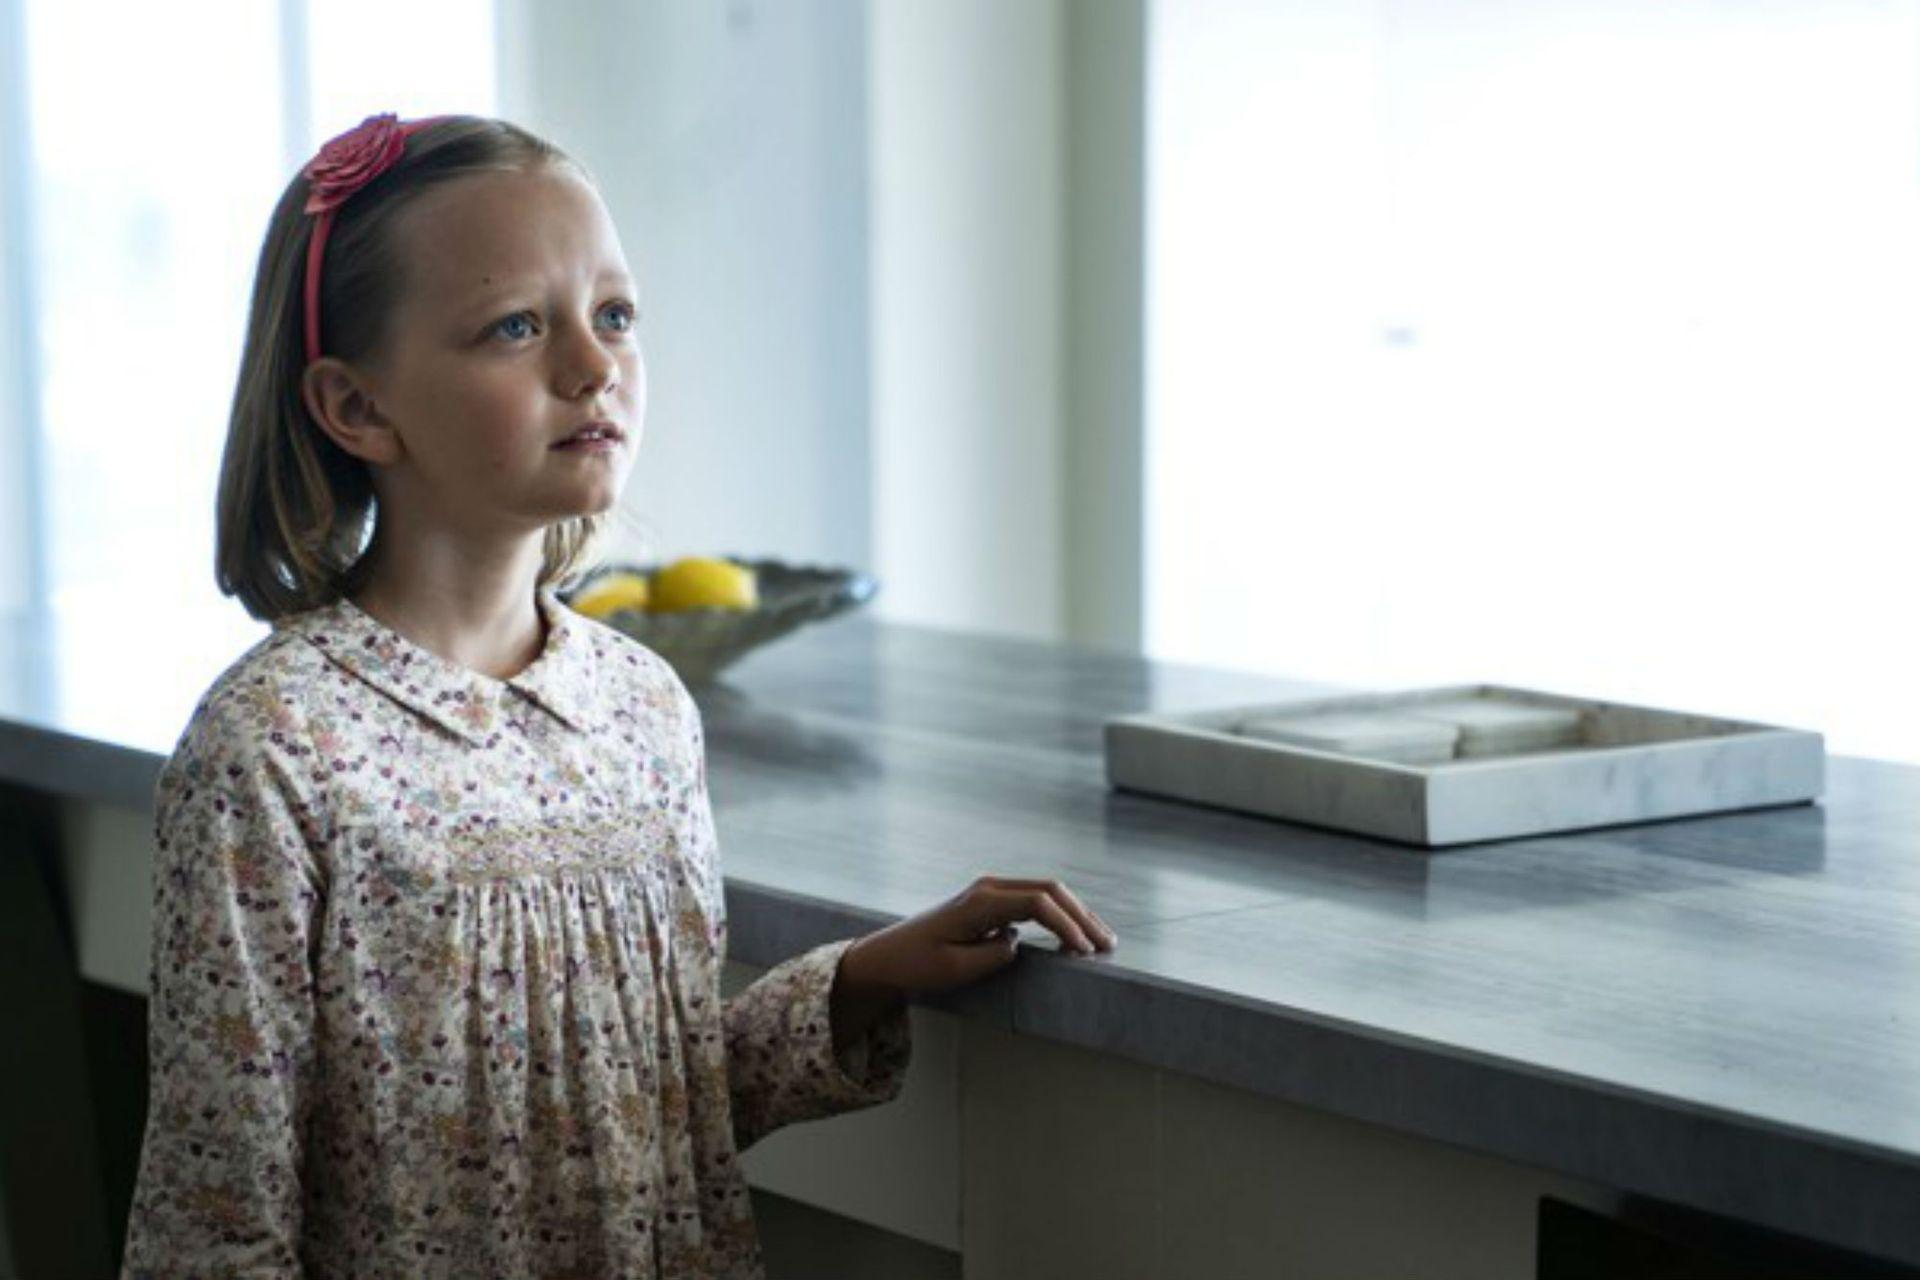 Amabella, la hija de Renata Klein, fue uno de los personajes con el que más se remarcó la importancia de los hijos en la serie